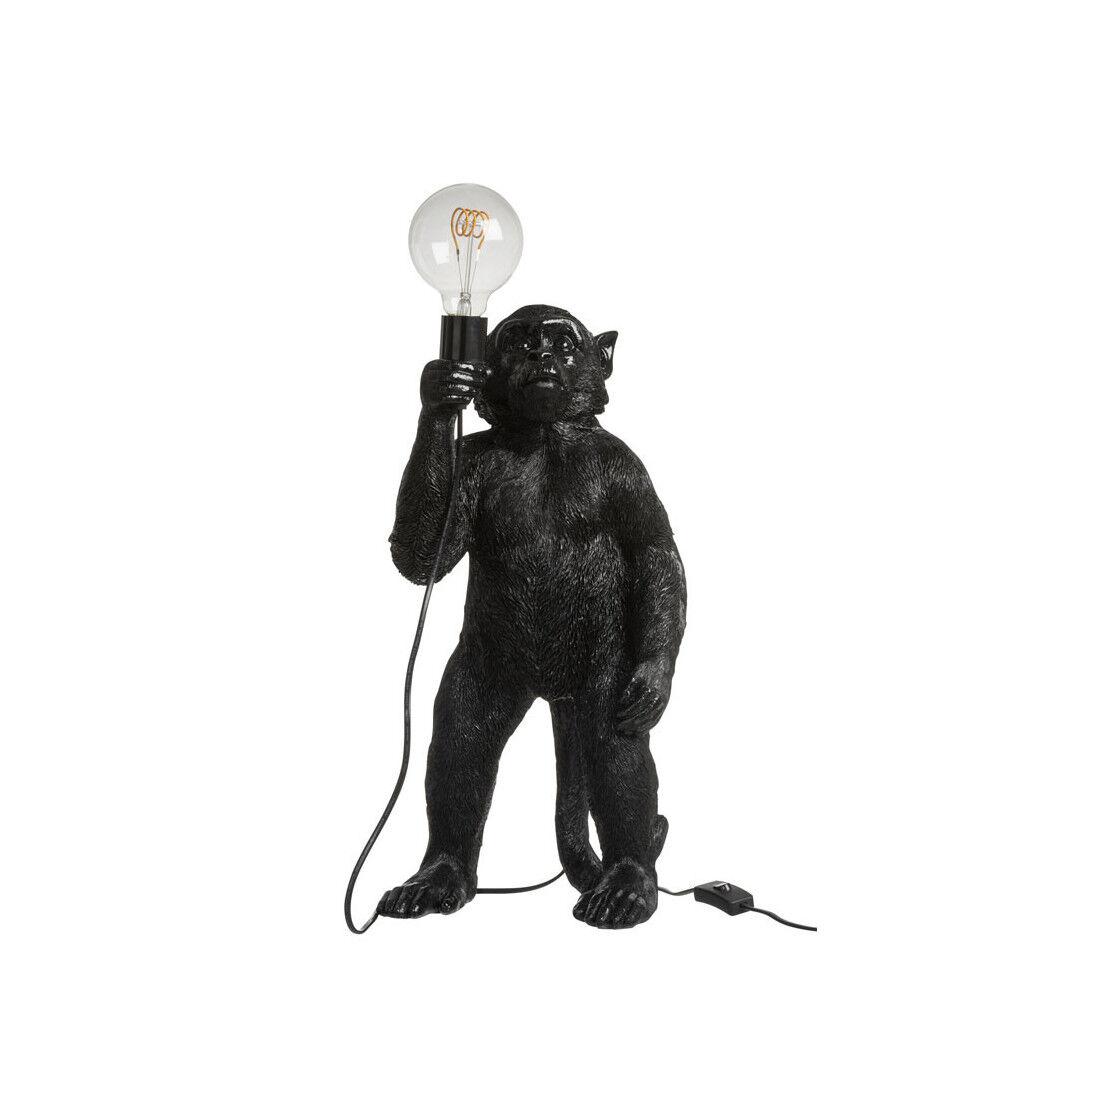 Tousmesmeubles Lampe à poser singe Résine noir - OUISTITI - L 26.5 x l 25 x H 55